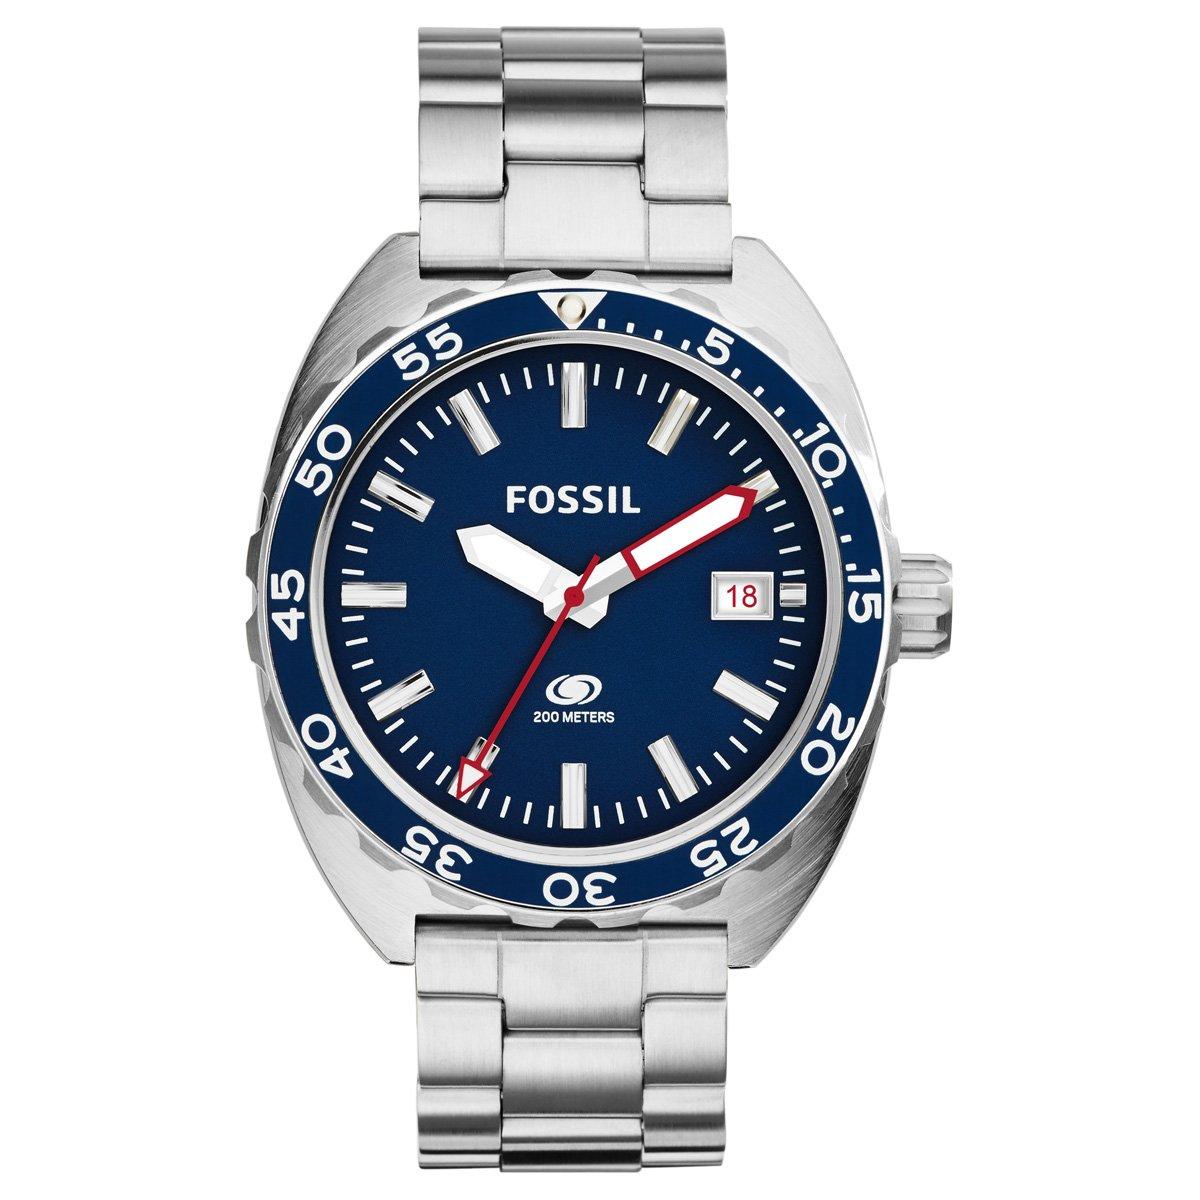 f71d544143f4d Relógio Fossil Analógico - Compre Agora   Netshoes